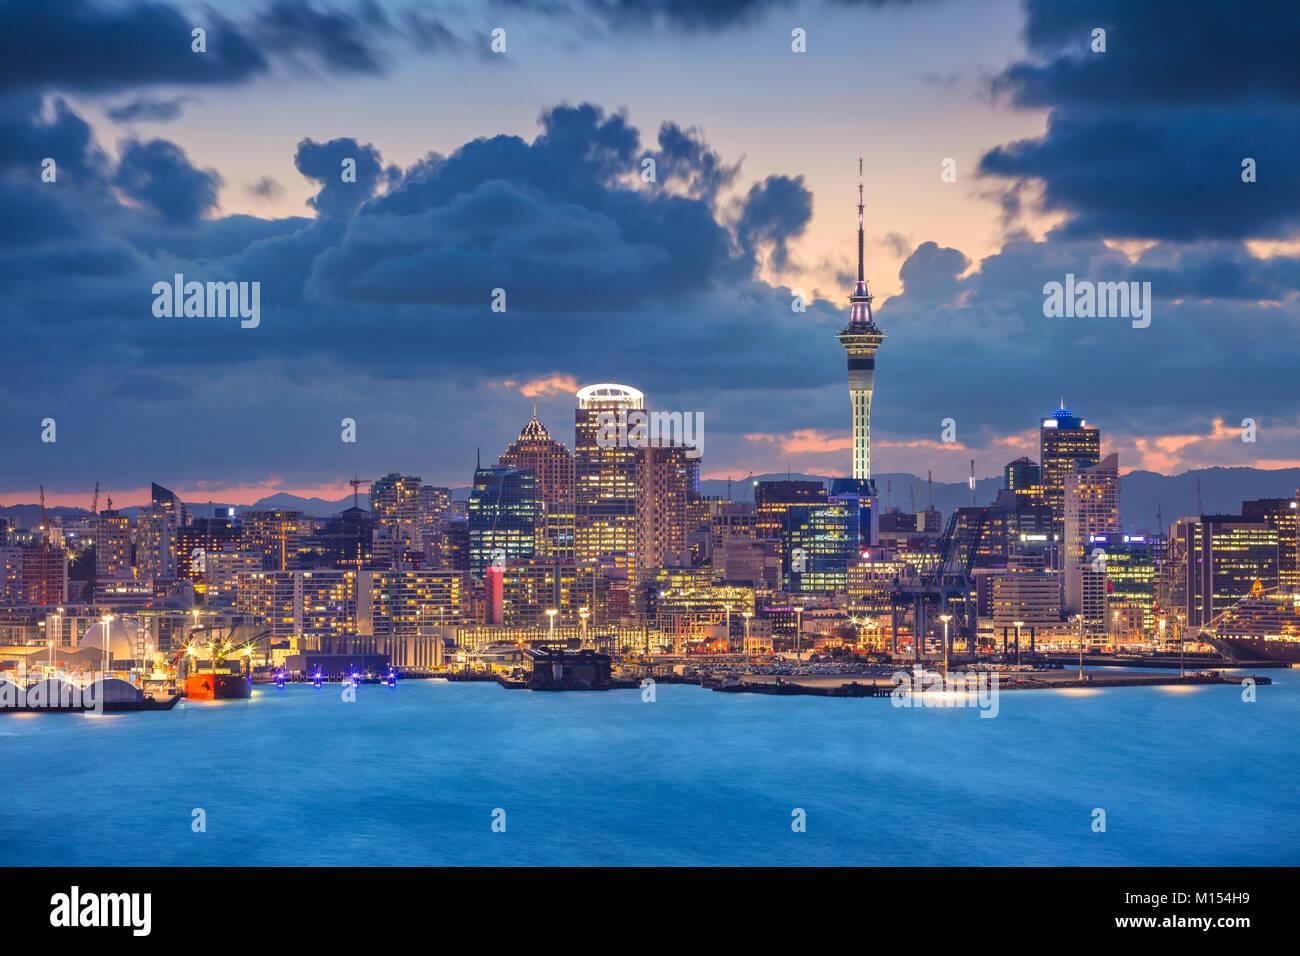 Auckland. Cityscape immagine della skyline di Auckland, in Nuova Zelanda durante il tramonto. Immagini Stock